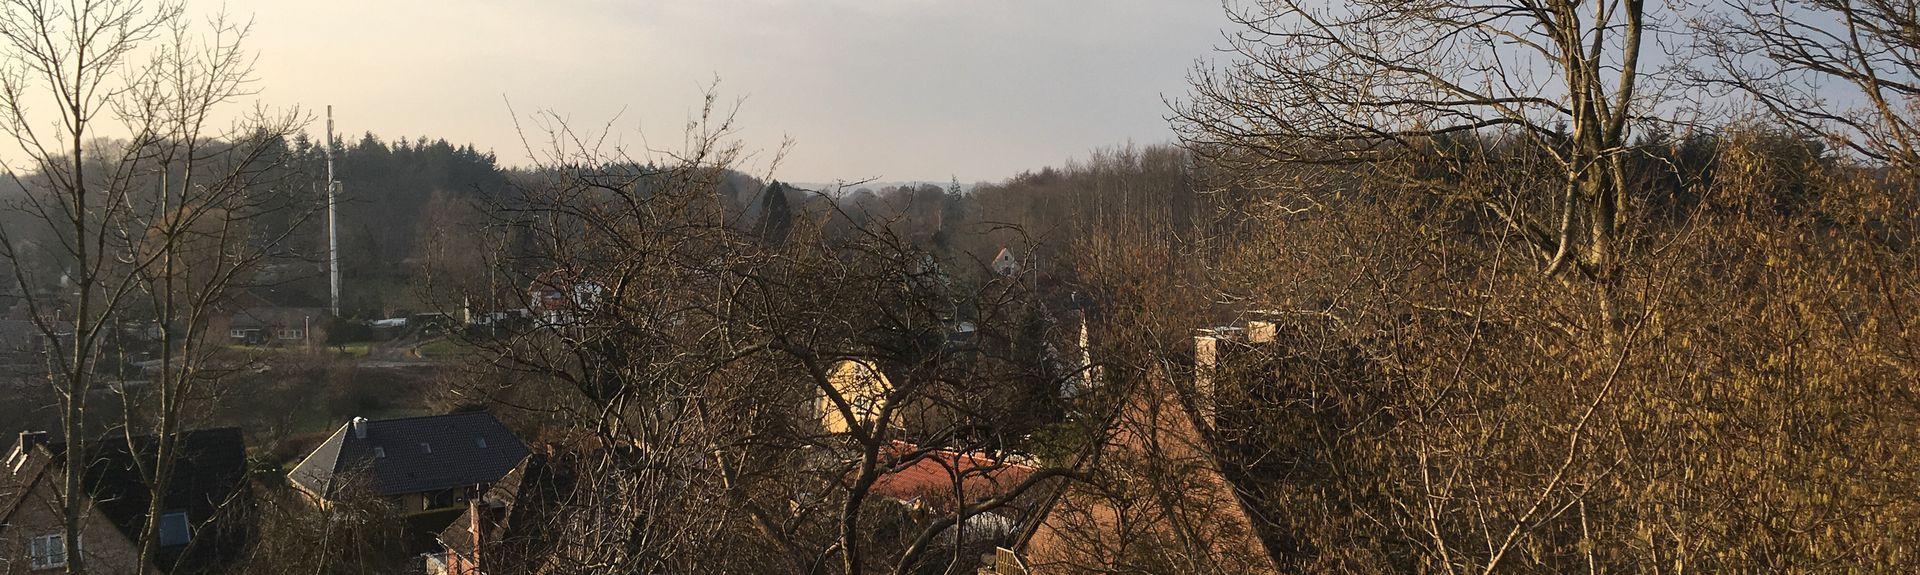 Handewitt, SH, Niemcy